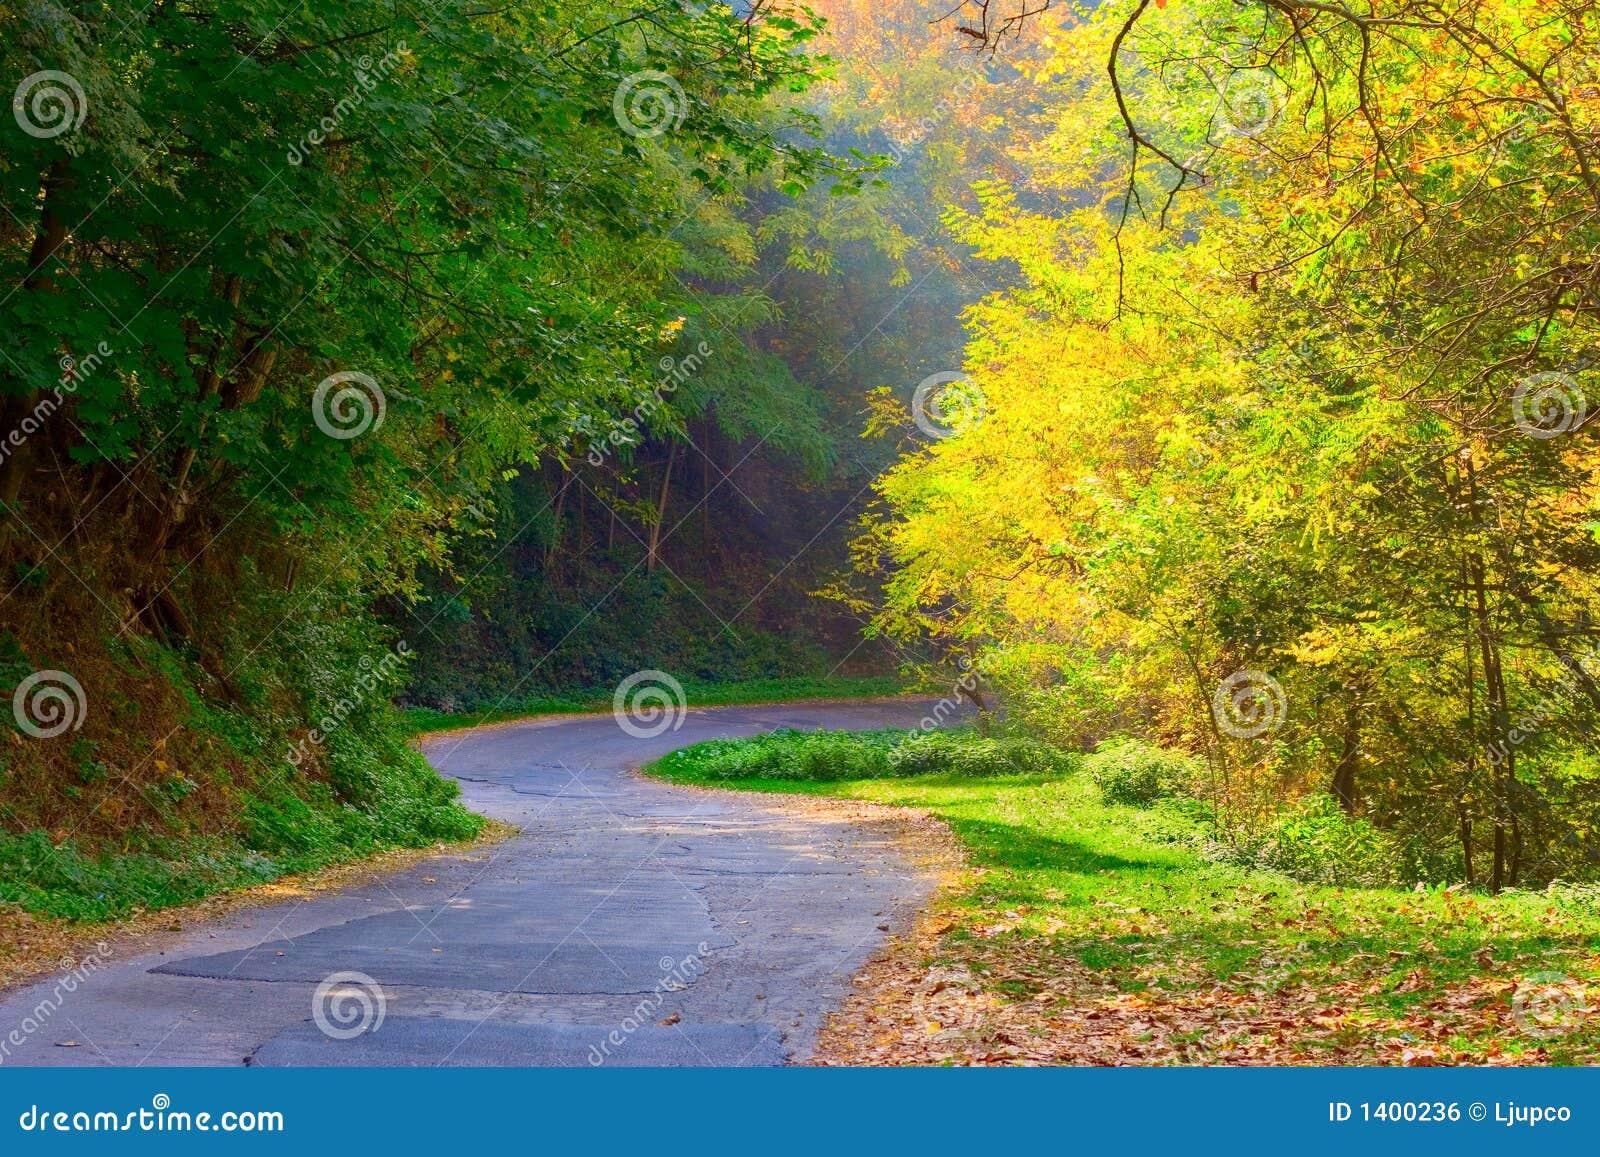 Route incurvée dans la forêt